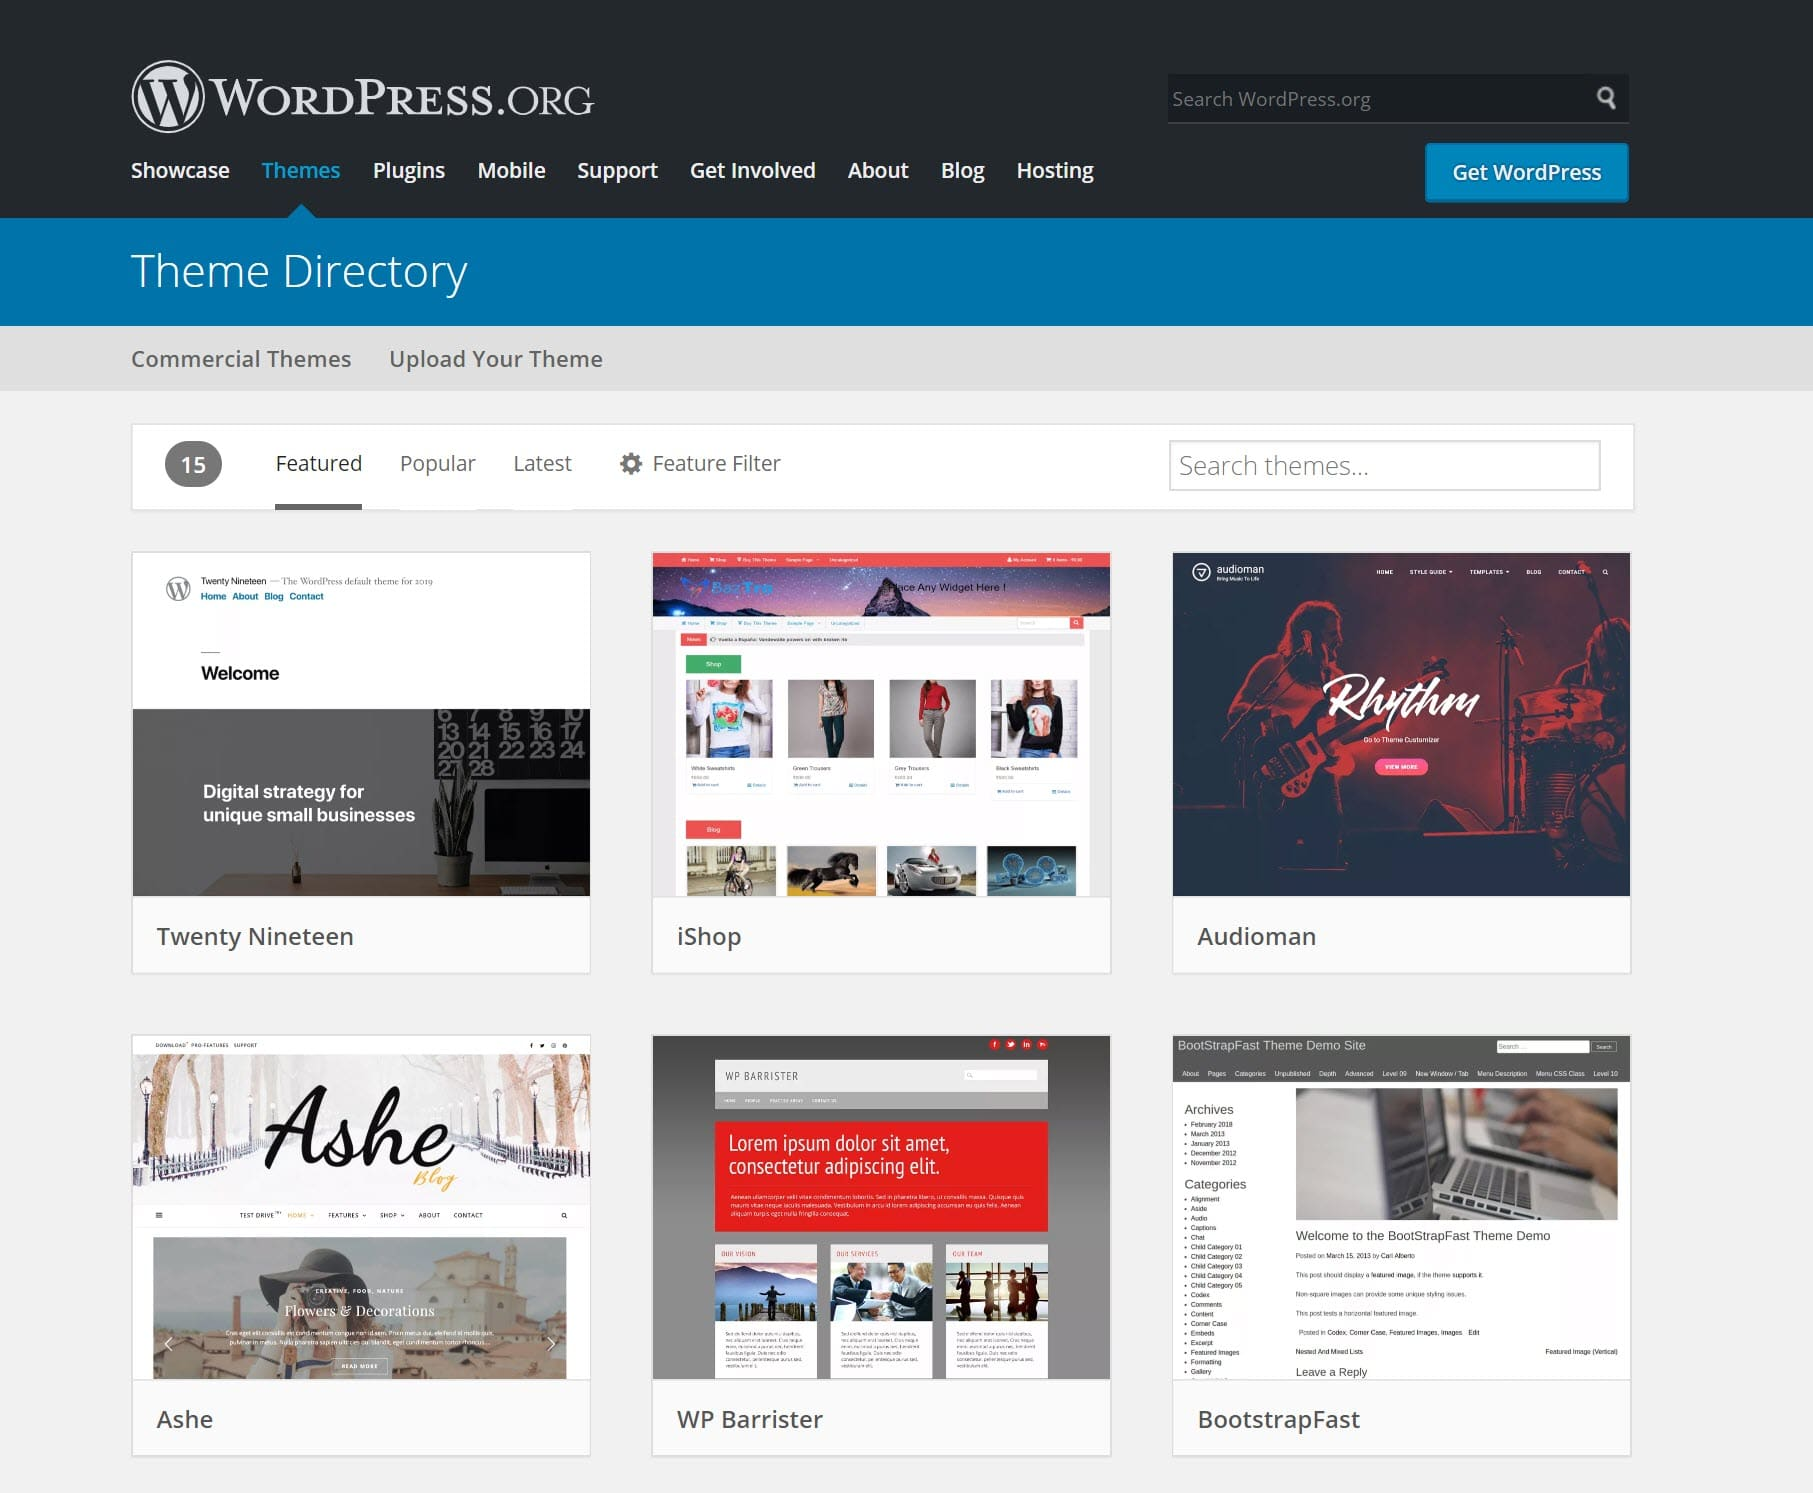 La homepage della directory dei plugin di WordPress